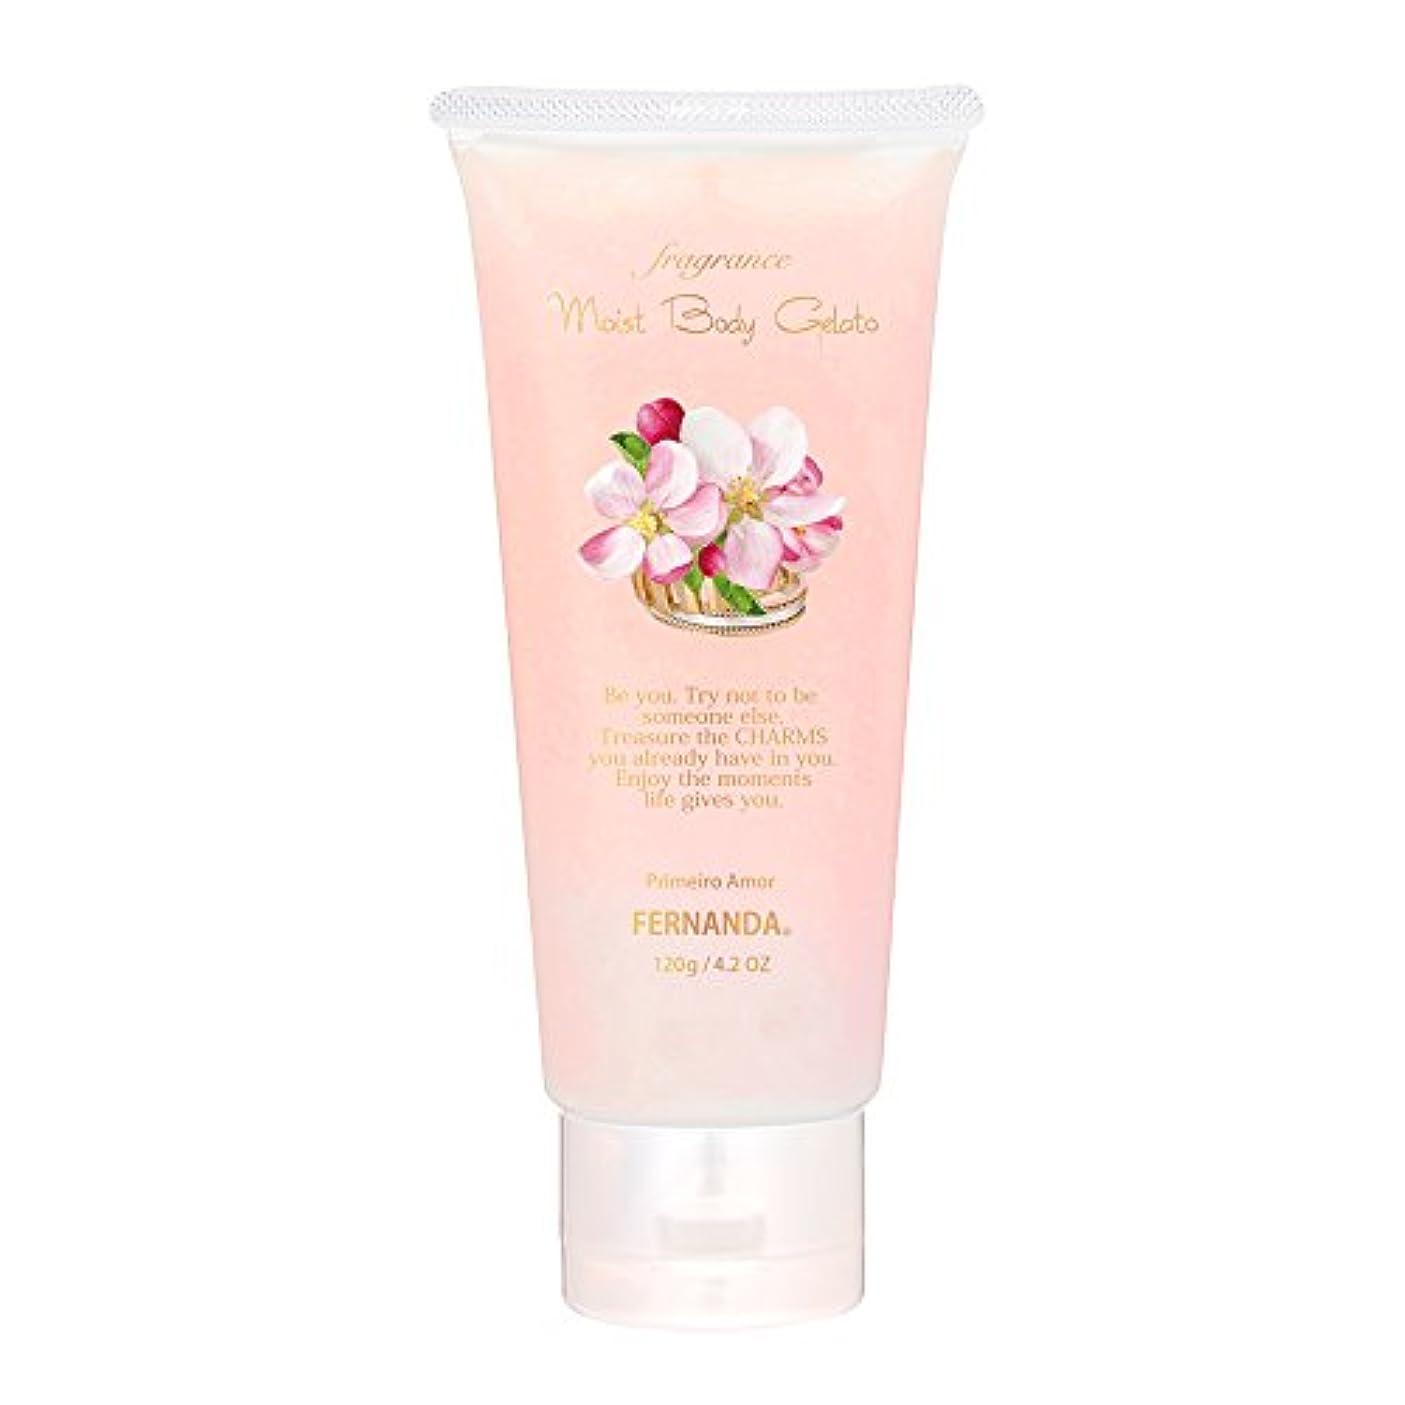 襟誤解を招く世論調査FERNANDA(フェルナンダ) Fragrance Moist Body Gelato Primeiro Amor (モイストボディジェラート プリメイロアモール)